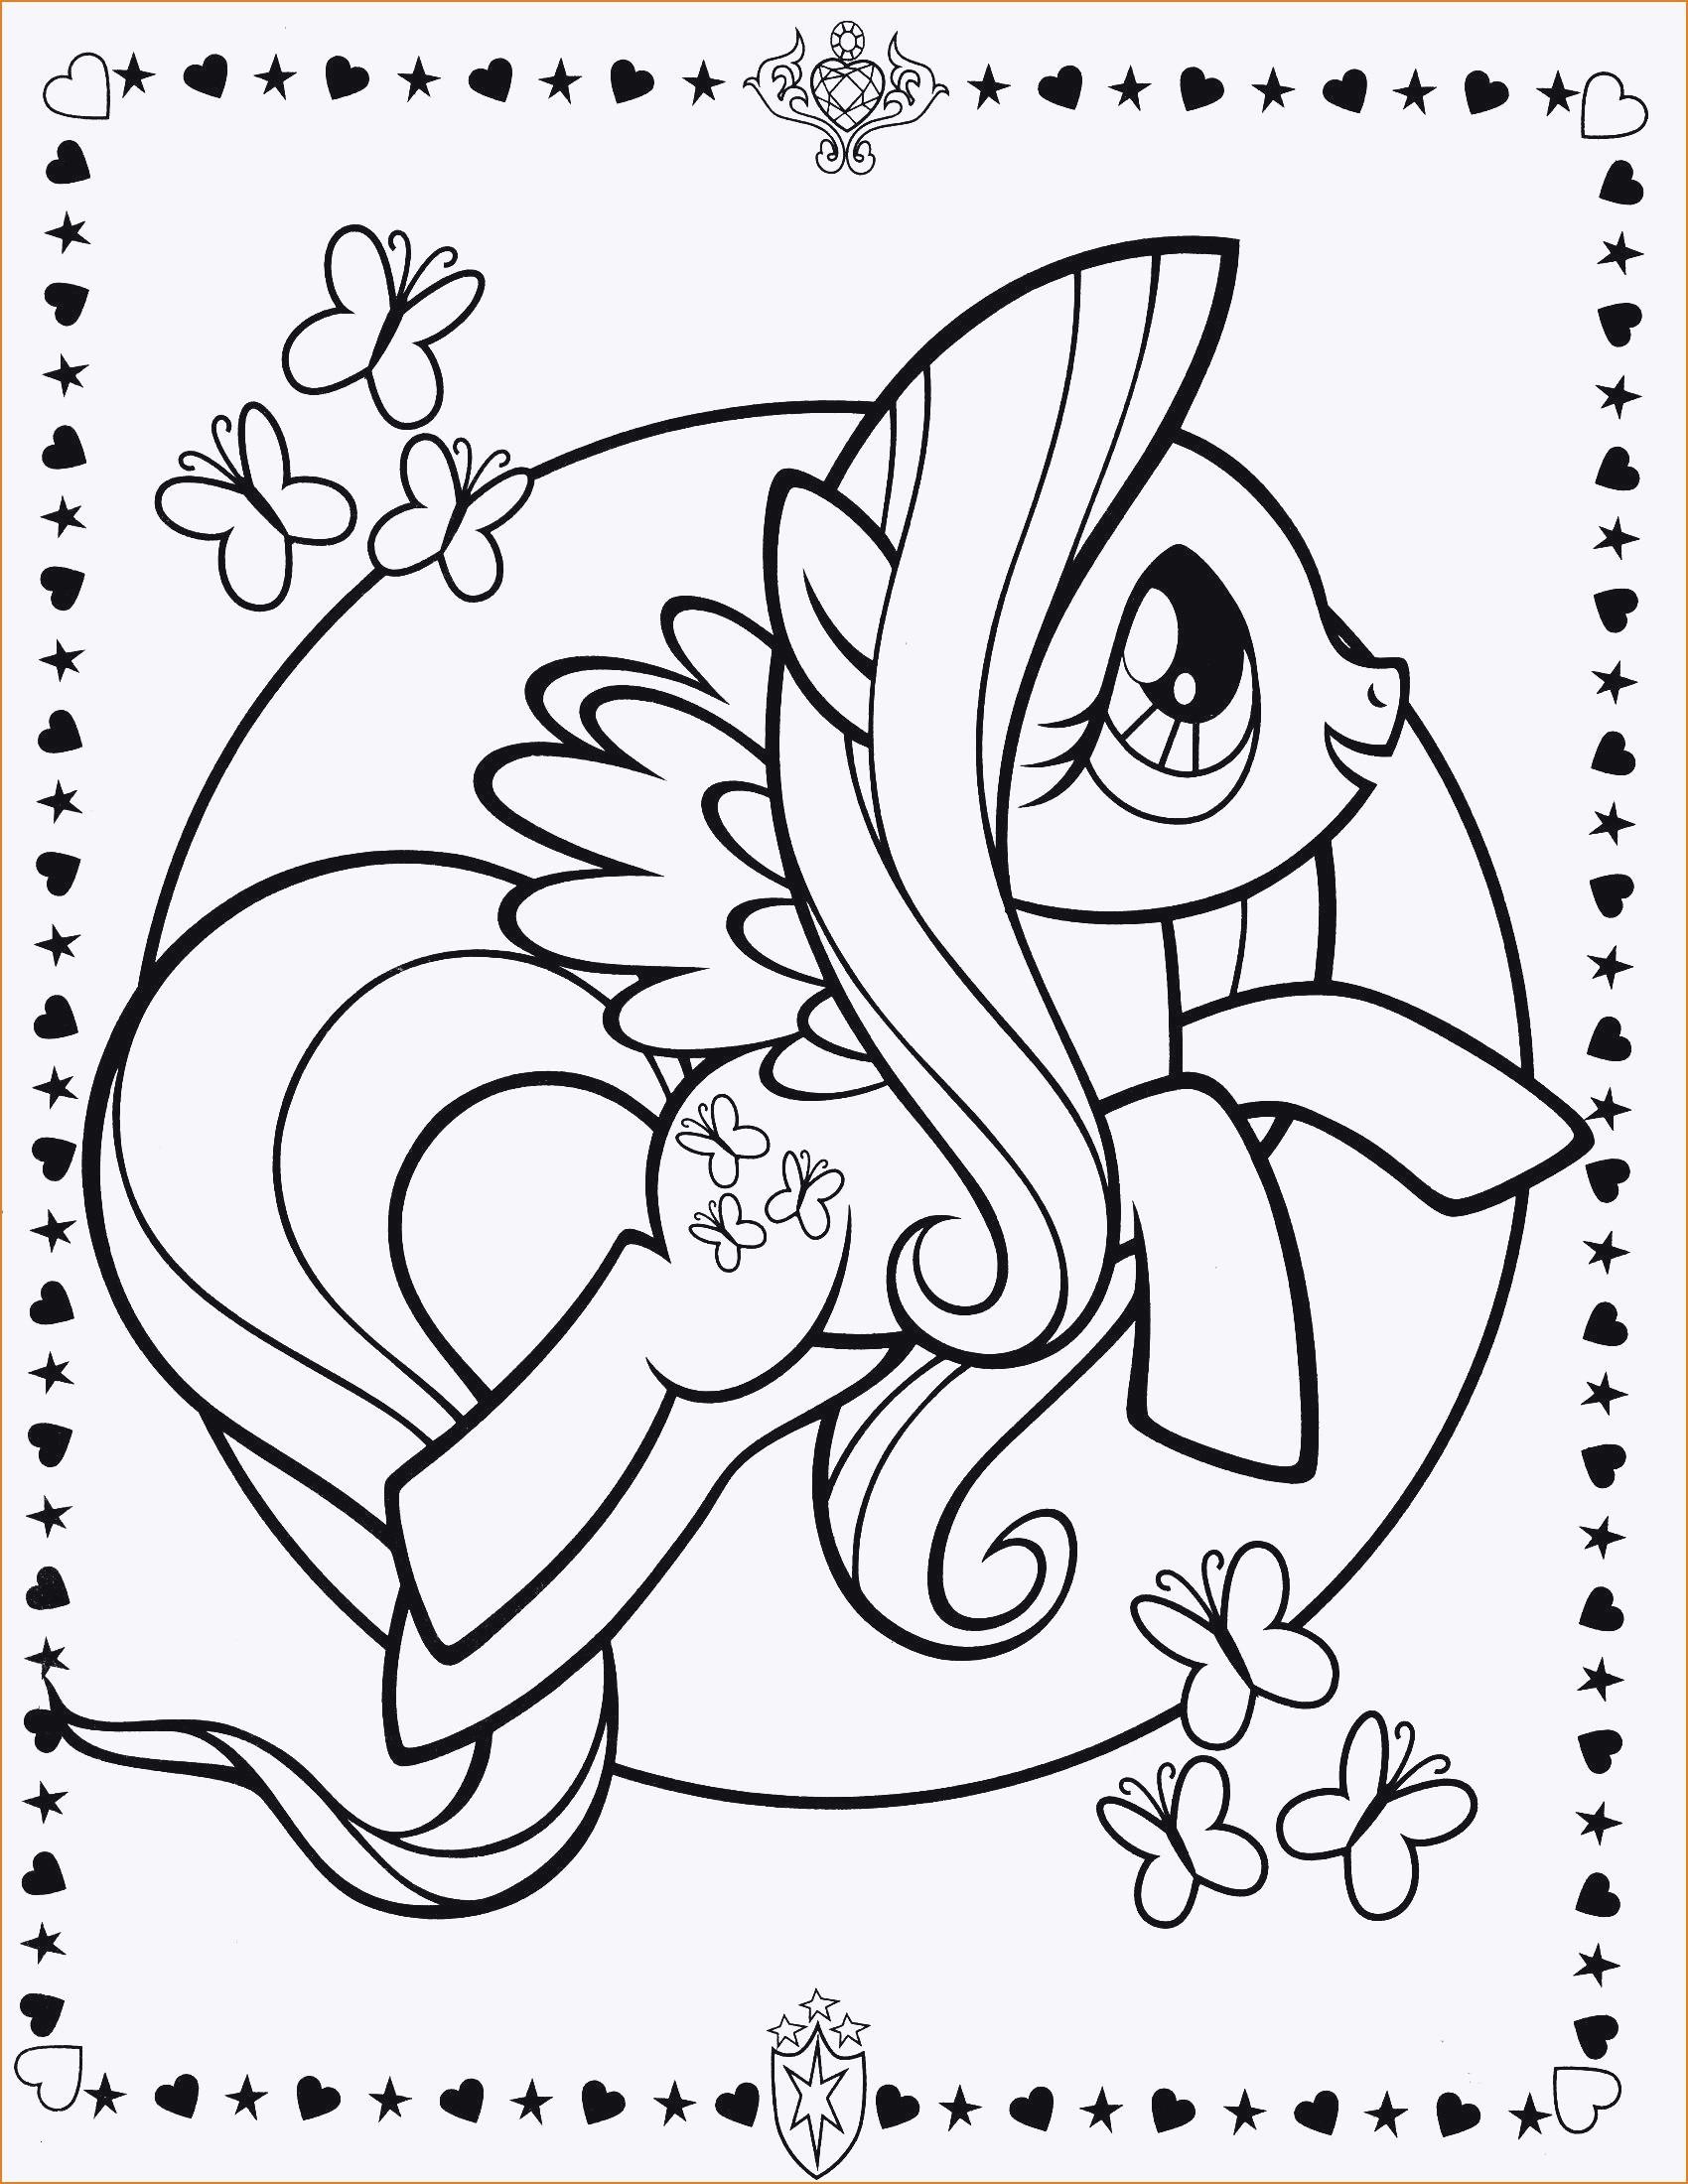 Ausmalbilder Filly Pferd Einzigartig Filly Malvorlagen Inspirierend Malvorlagen Igel Elegant Igel Bild